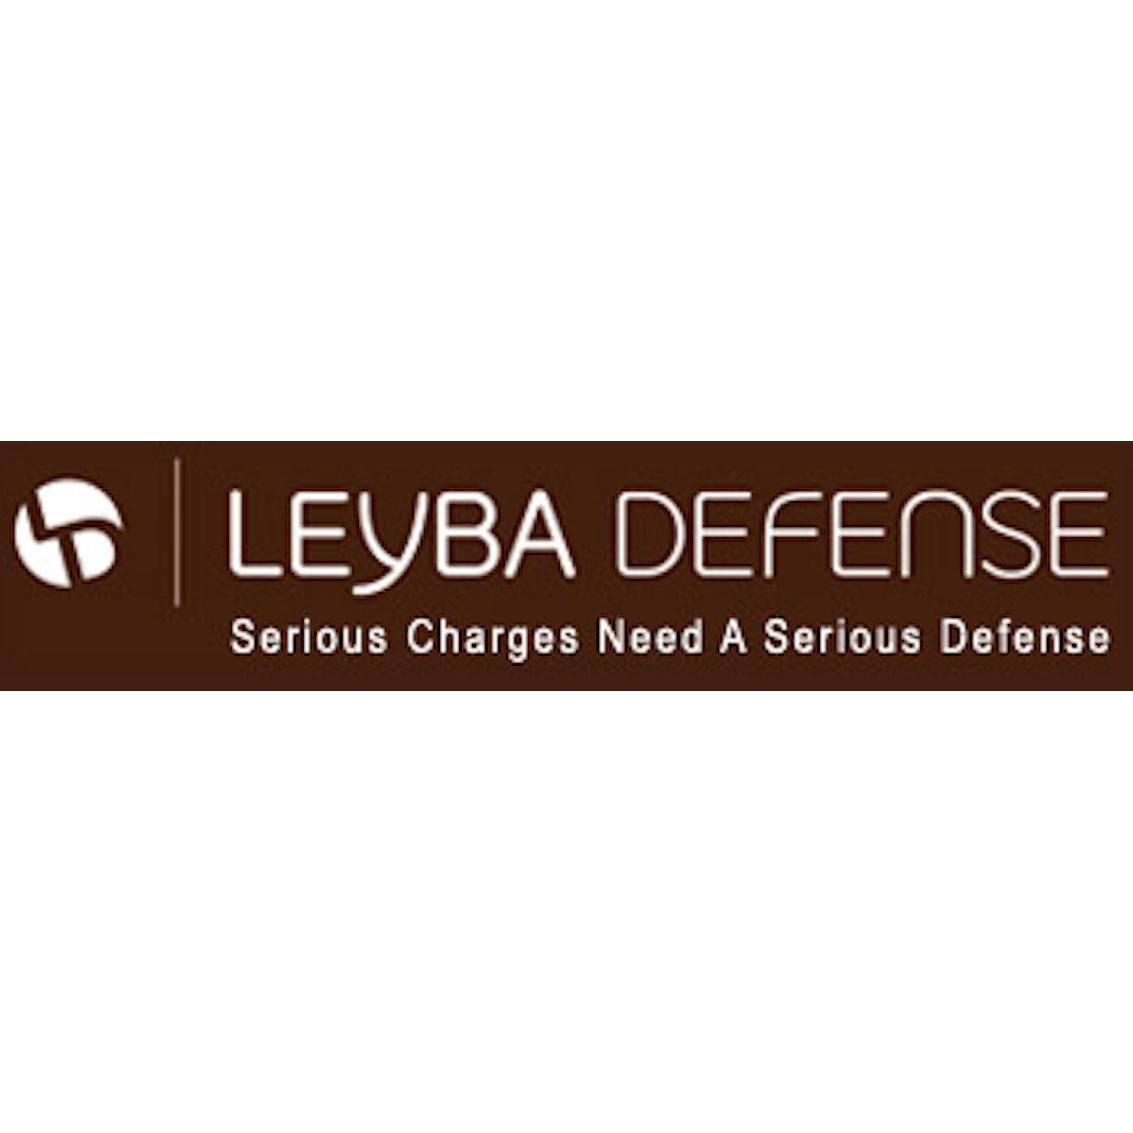 Leyba Defense PLLC - Bellevue Criminal Defense and DUI Attorney